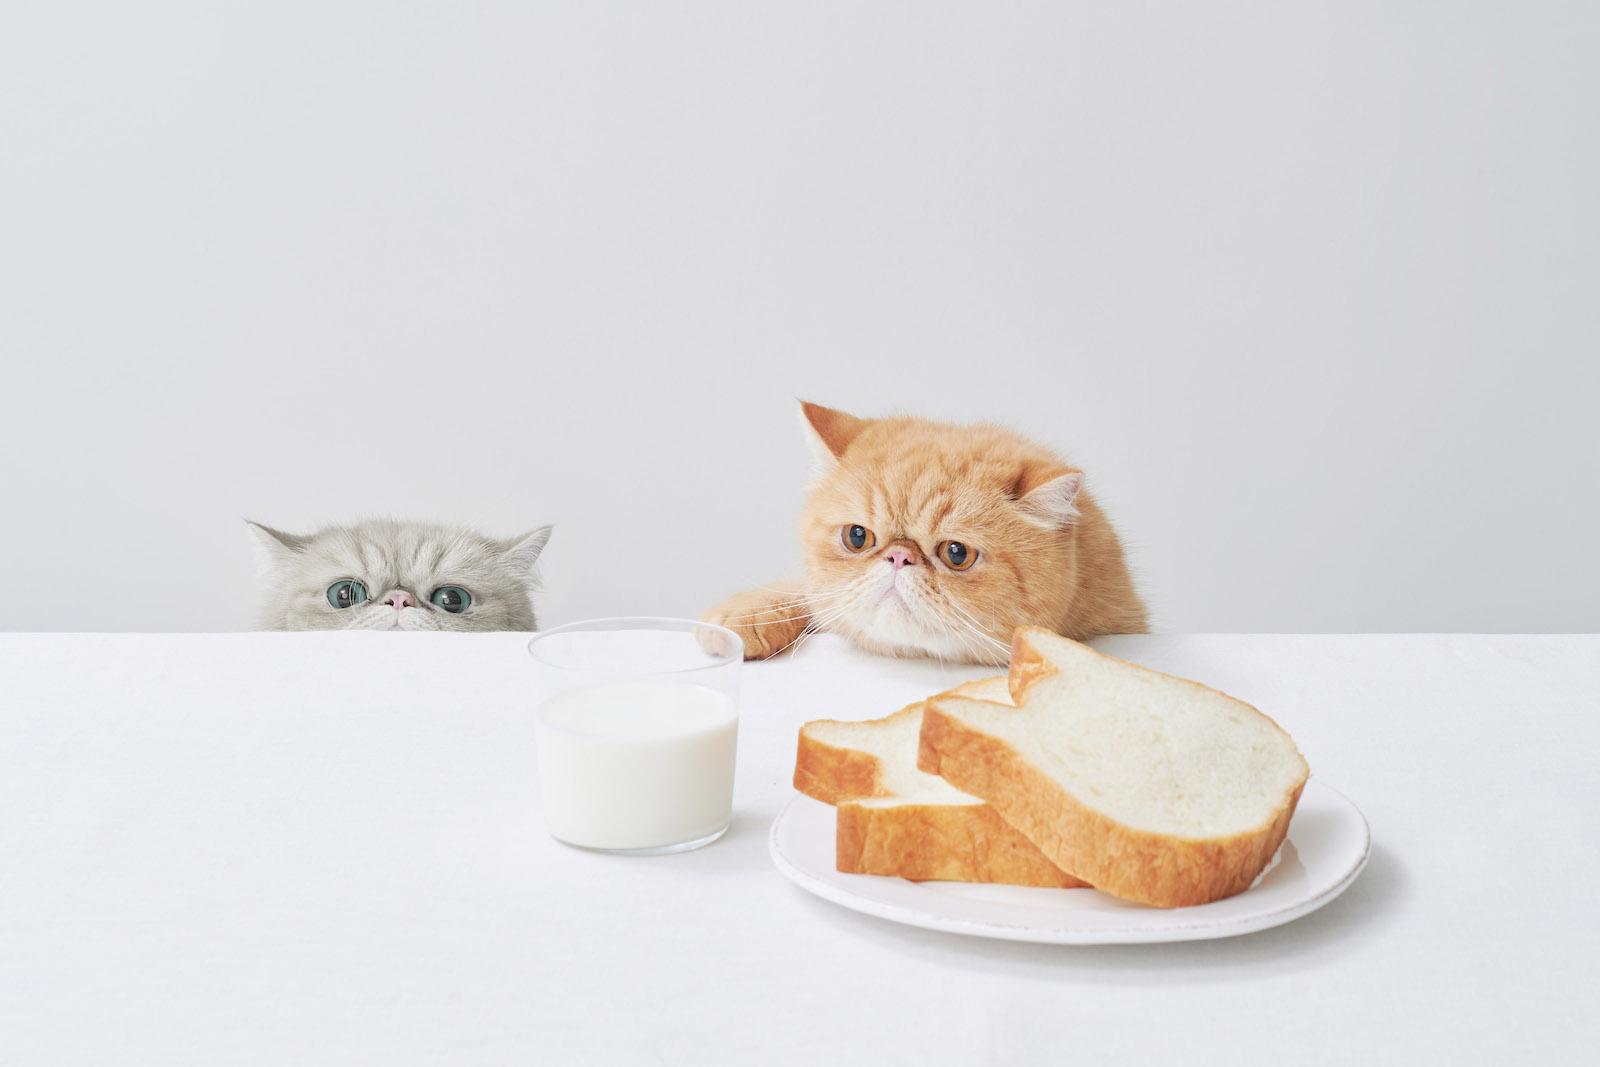 【待望】ねこねこ食パンが通販で買えるようになったので早速買ってみた